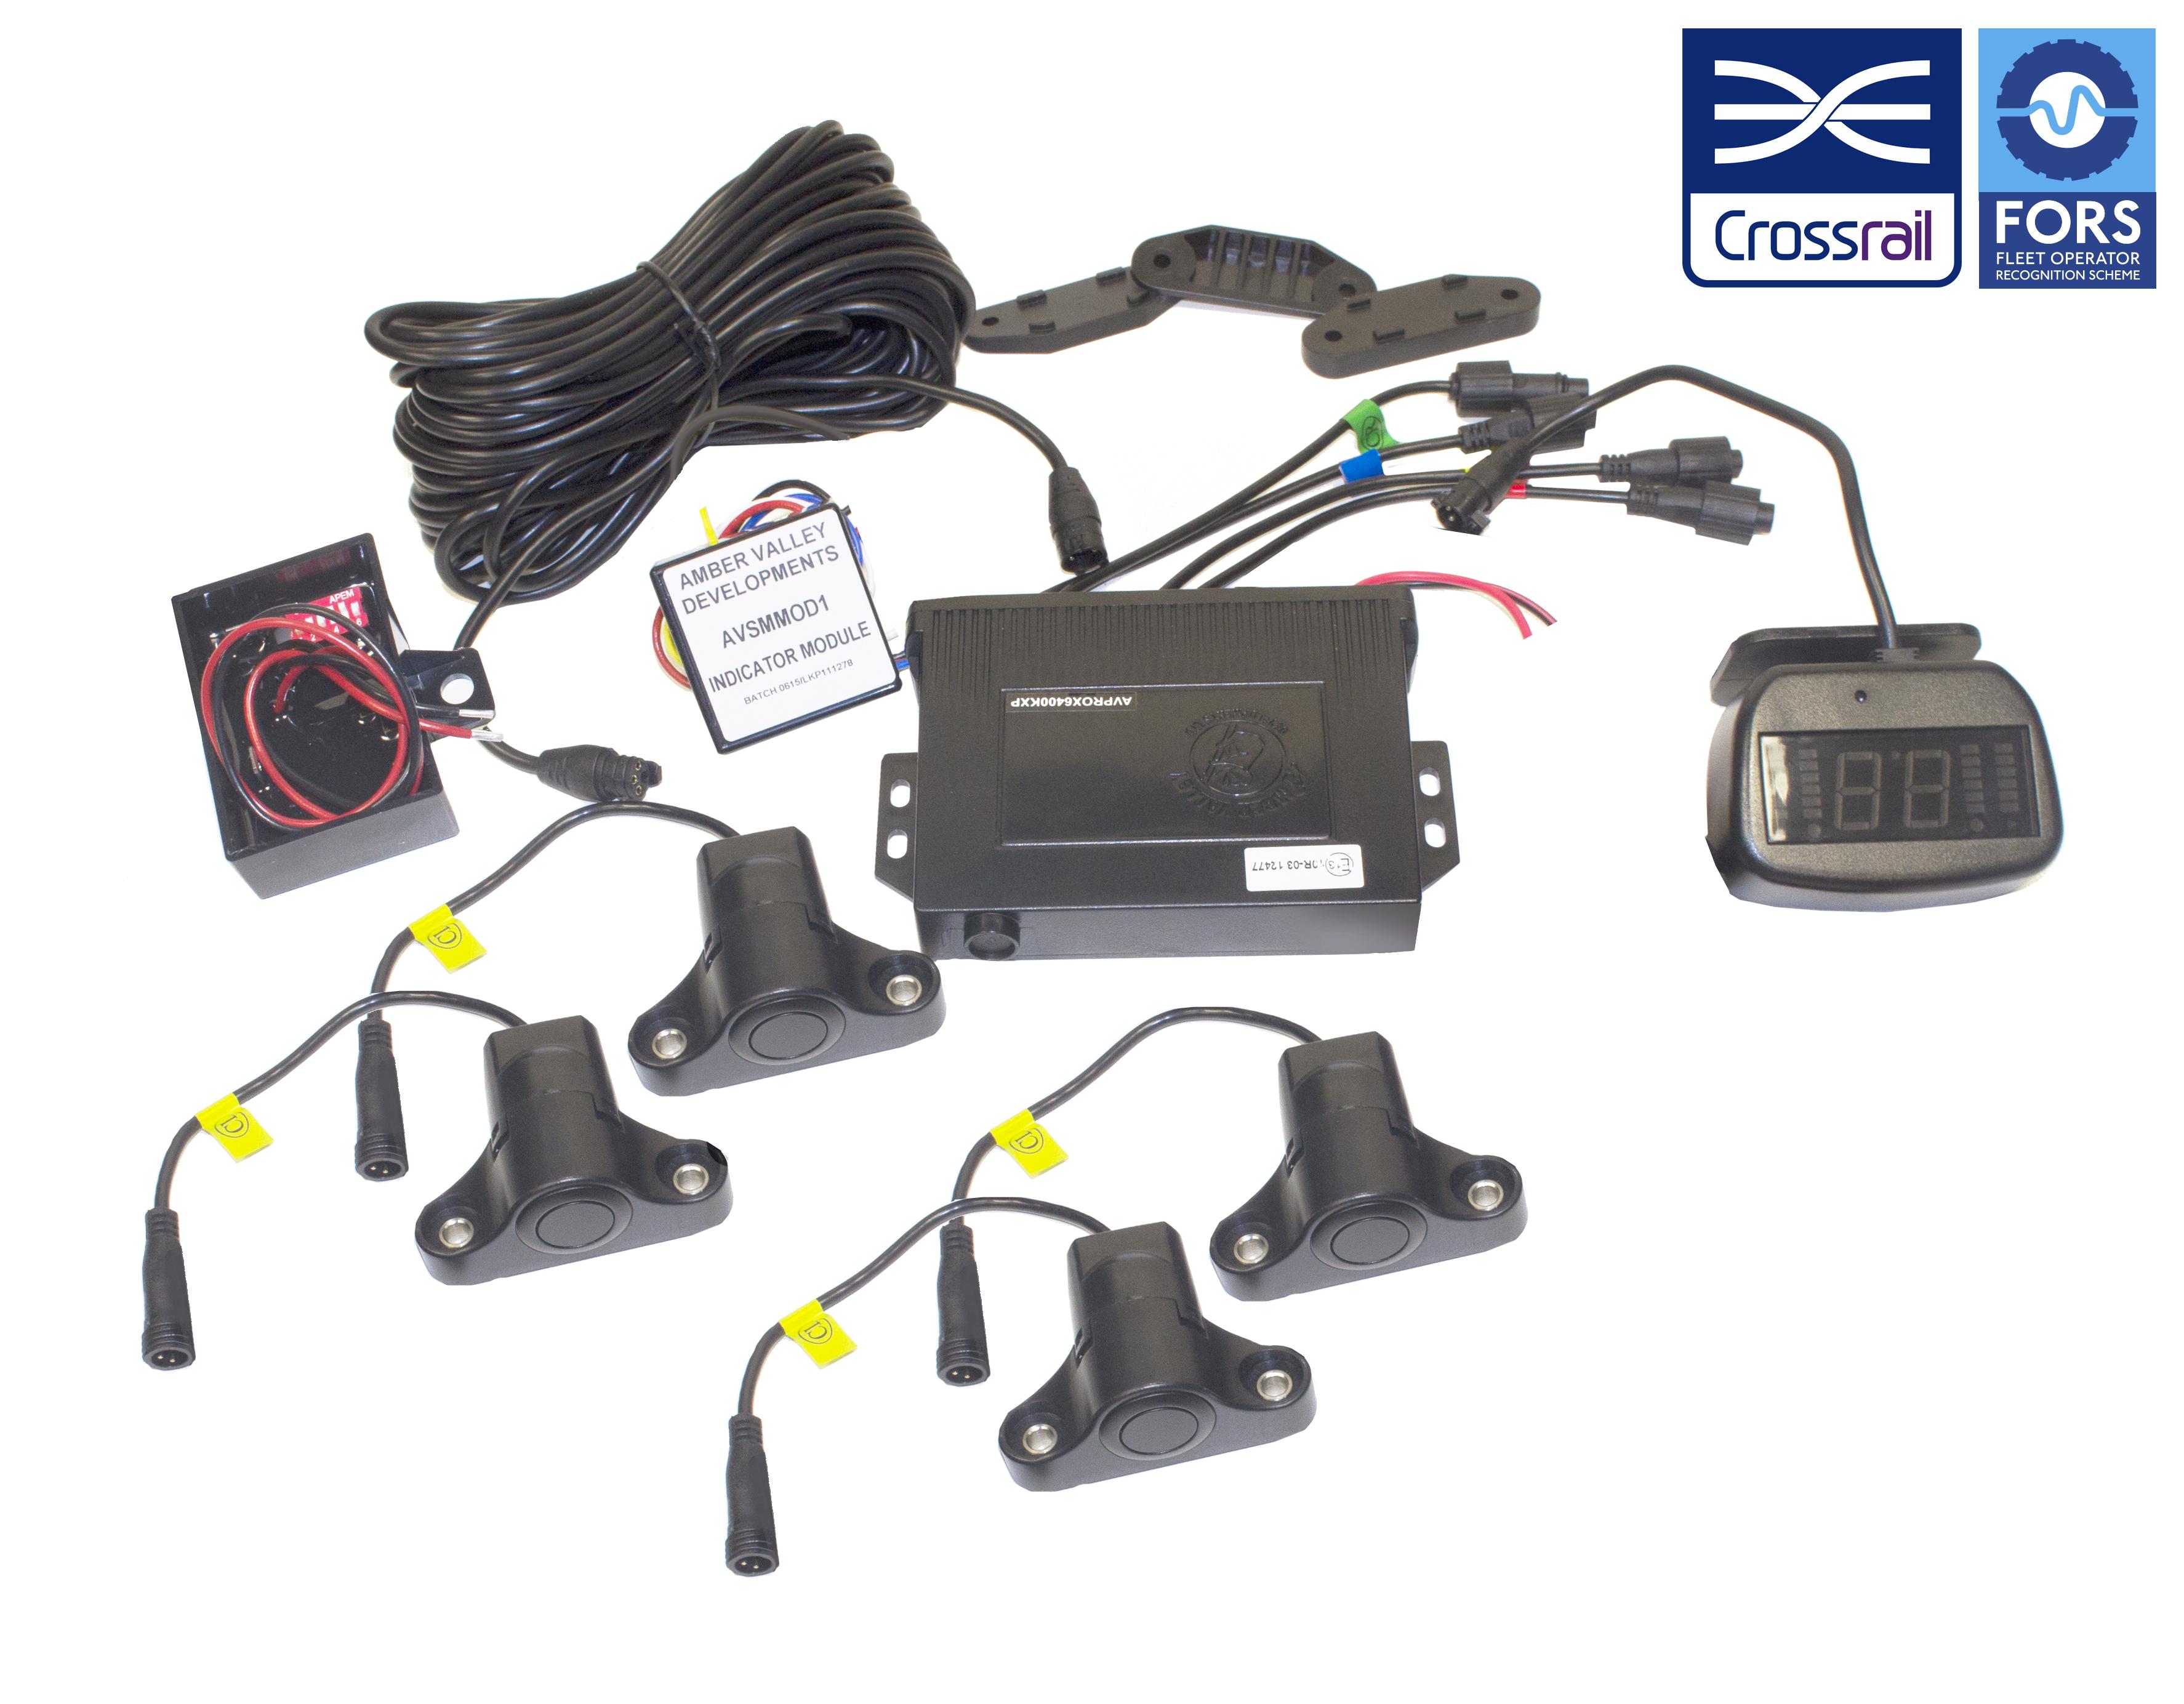 AMBER VALLEY AVPROXCELTRADE-KXP Side Scan Sensors Kit 1YEAR WARRANTY